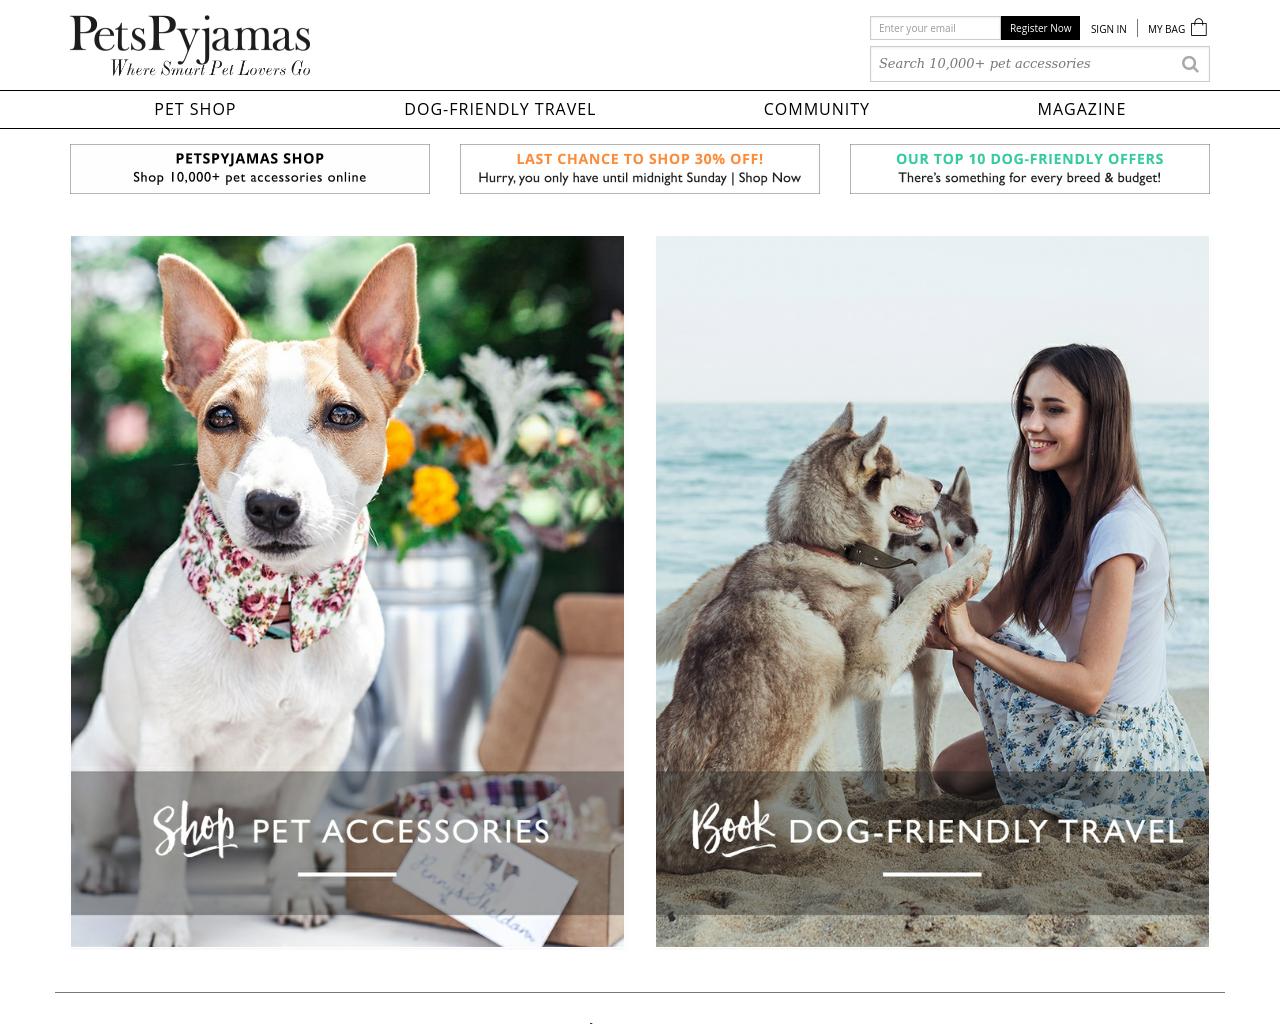 PetsPyjamas-Advertising-Reviews-Pricing